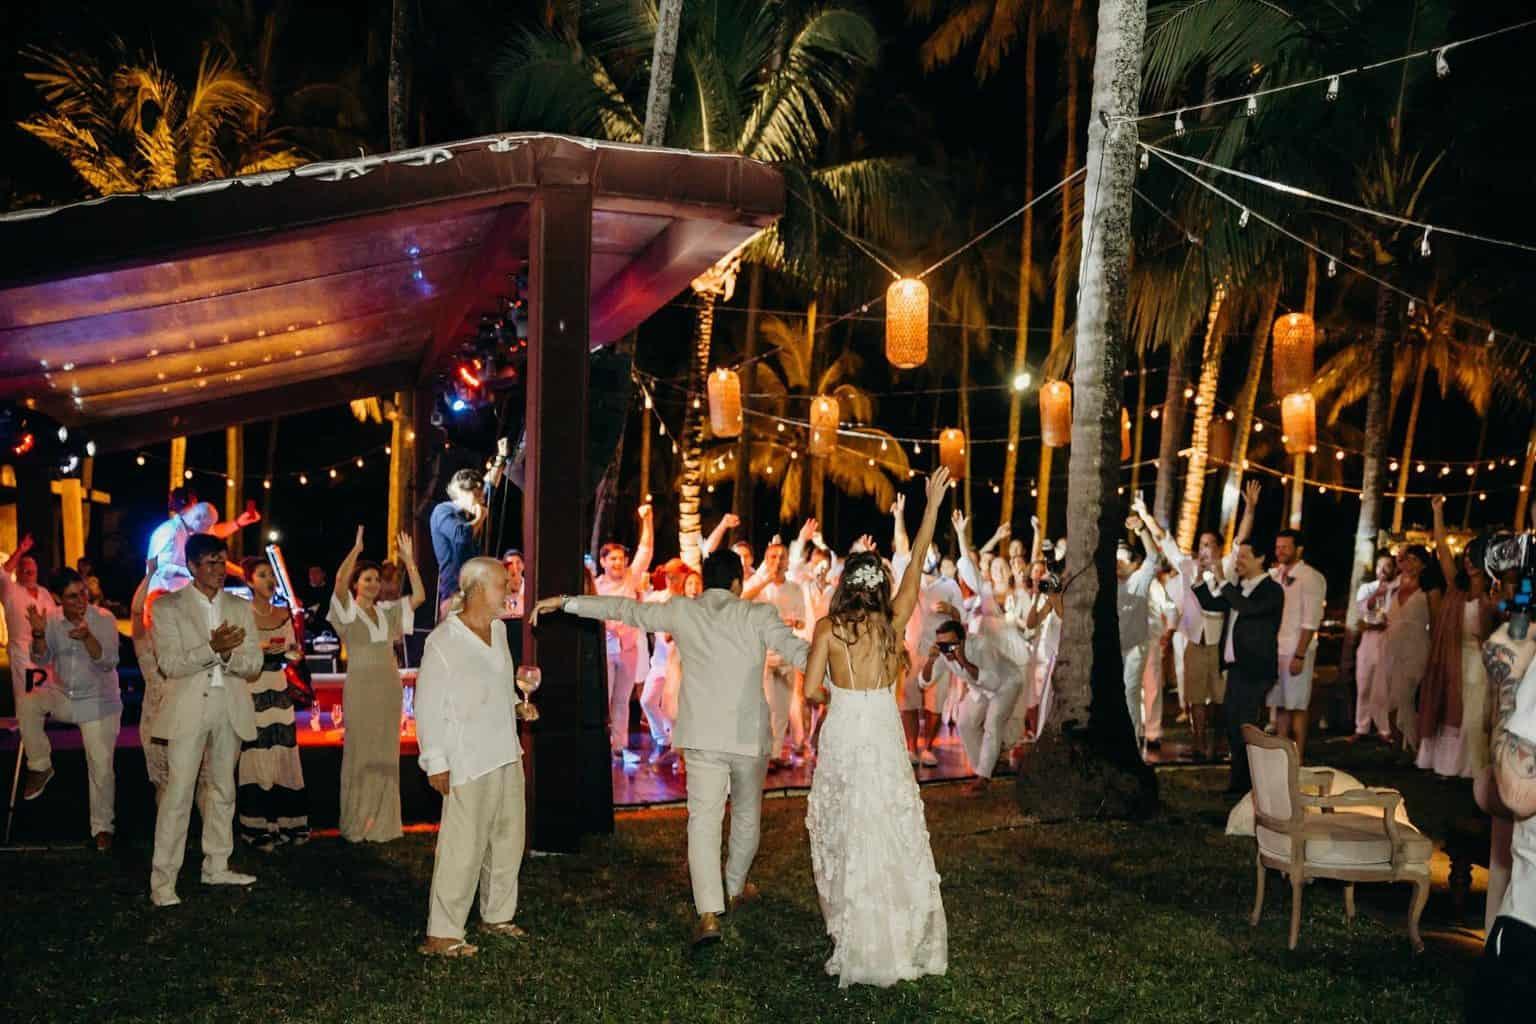 casamento-Danielle-e-Guilherme-aloha-fotografia-caseme-115